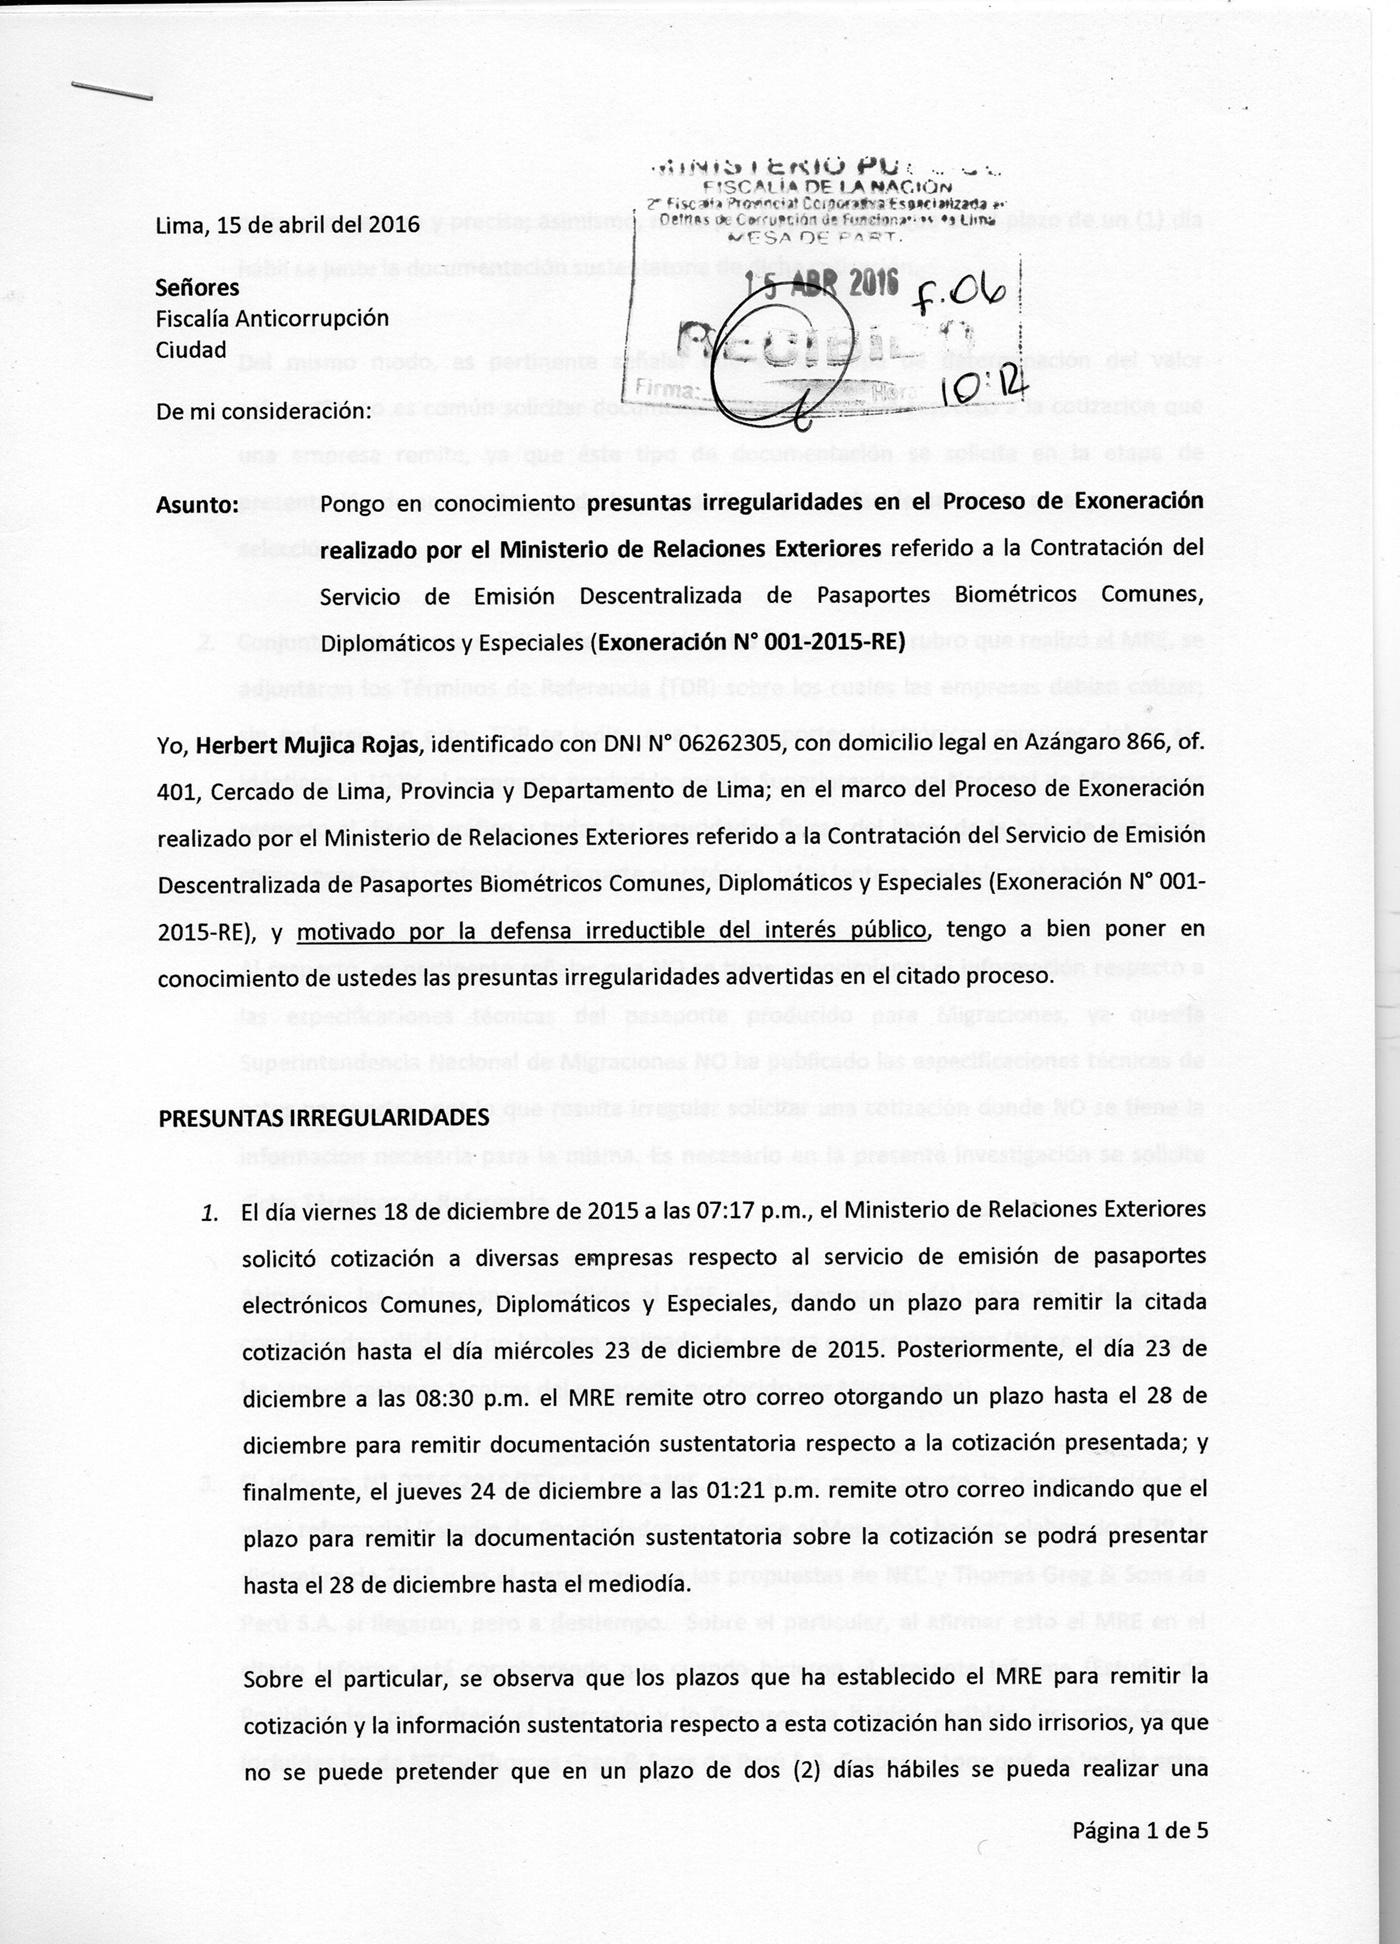 Cancillería denunciada por e-pasaportes, por Herbert Mujica Rojas